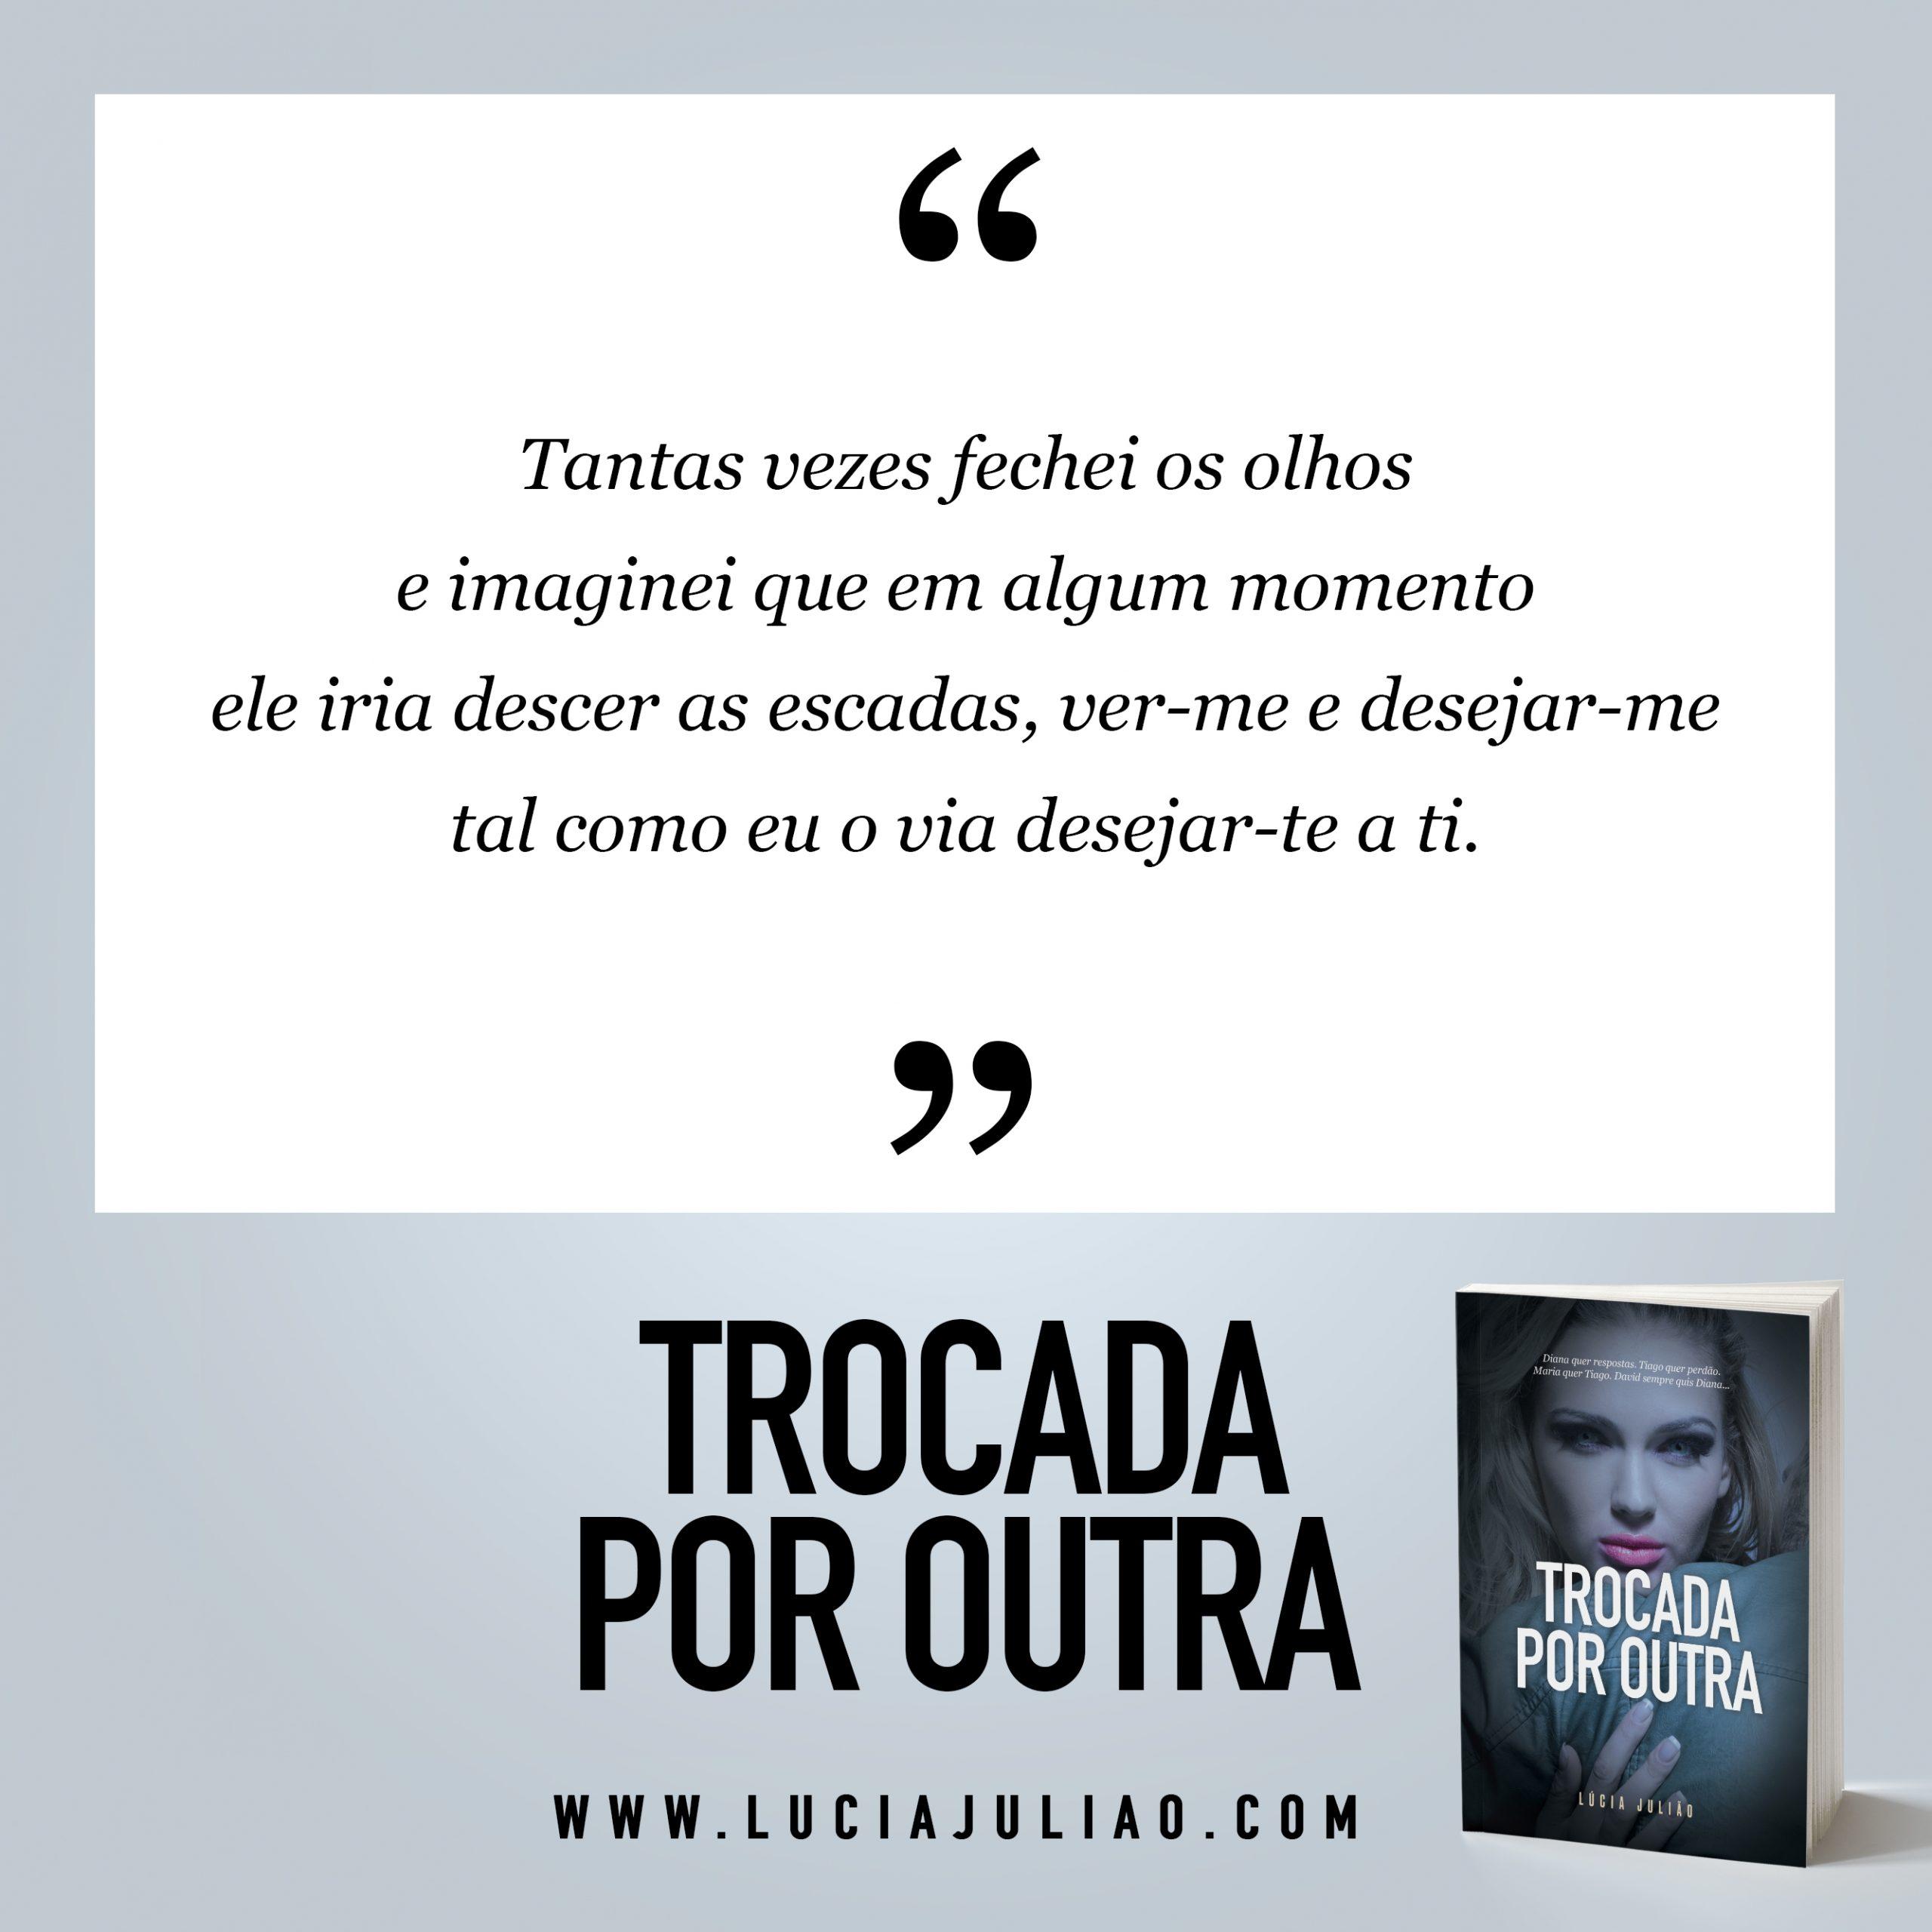 049Q - capitulo 16 Trocada por outra - Lúcia Julião